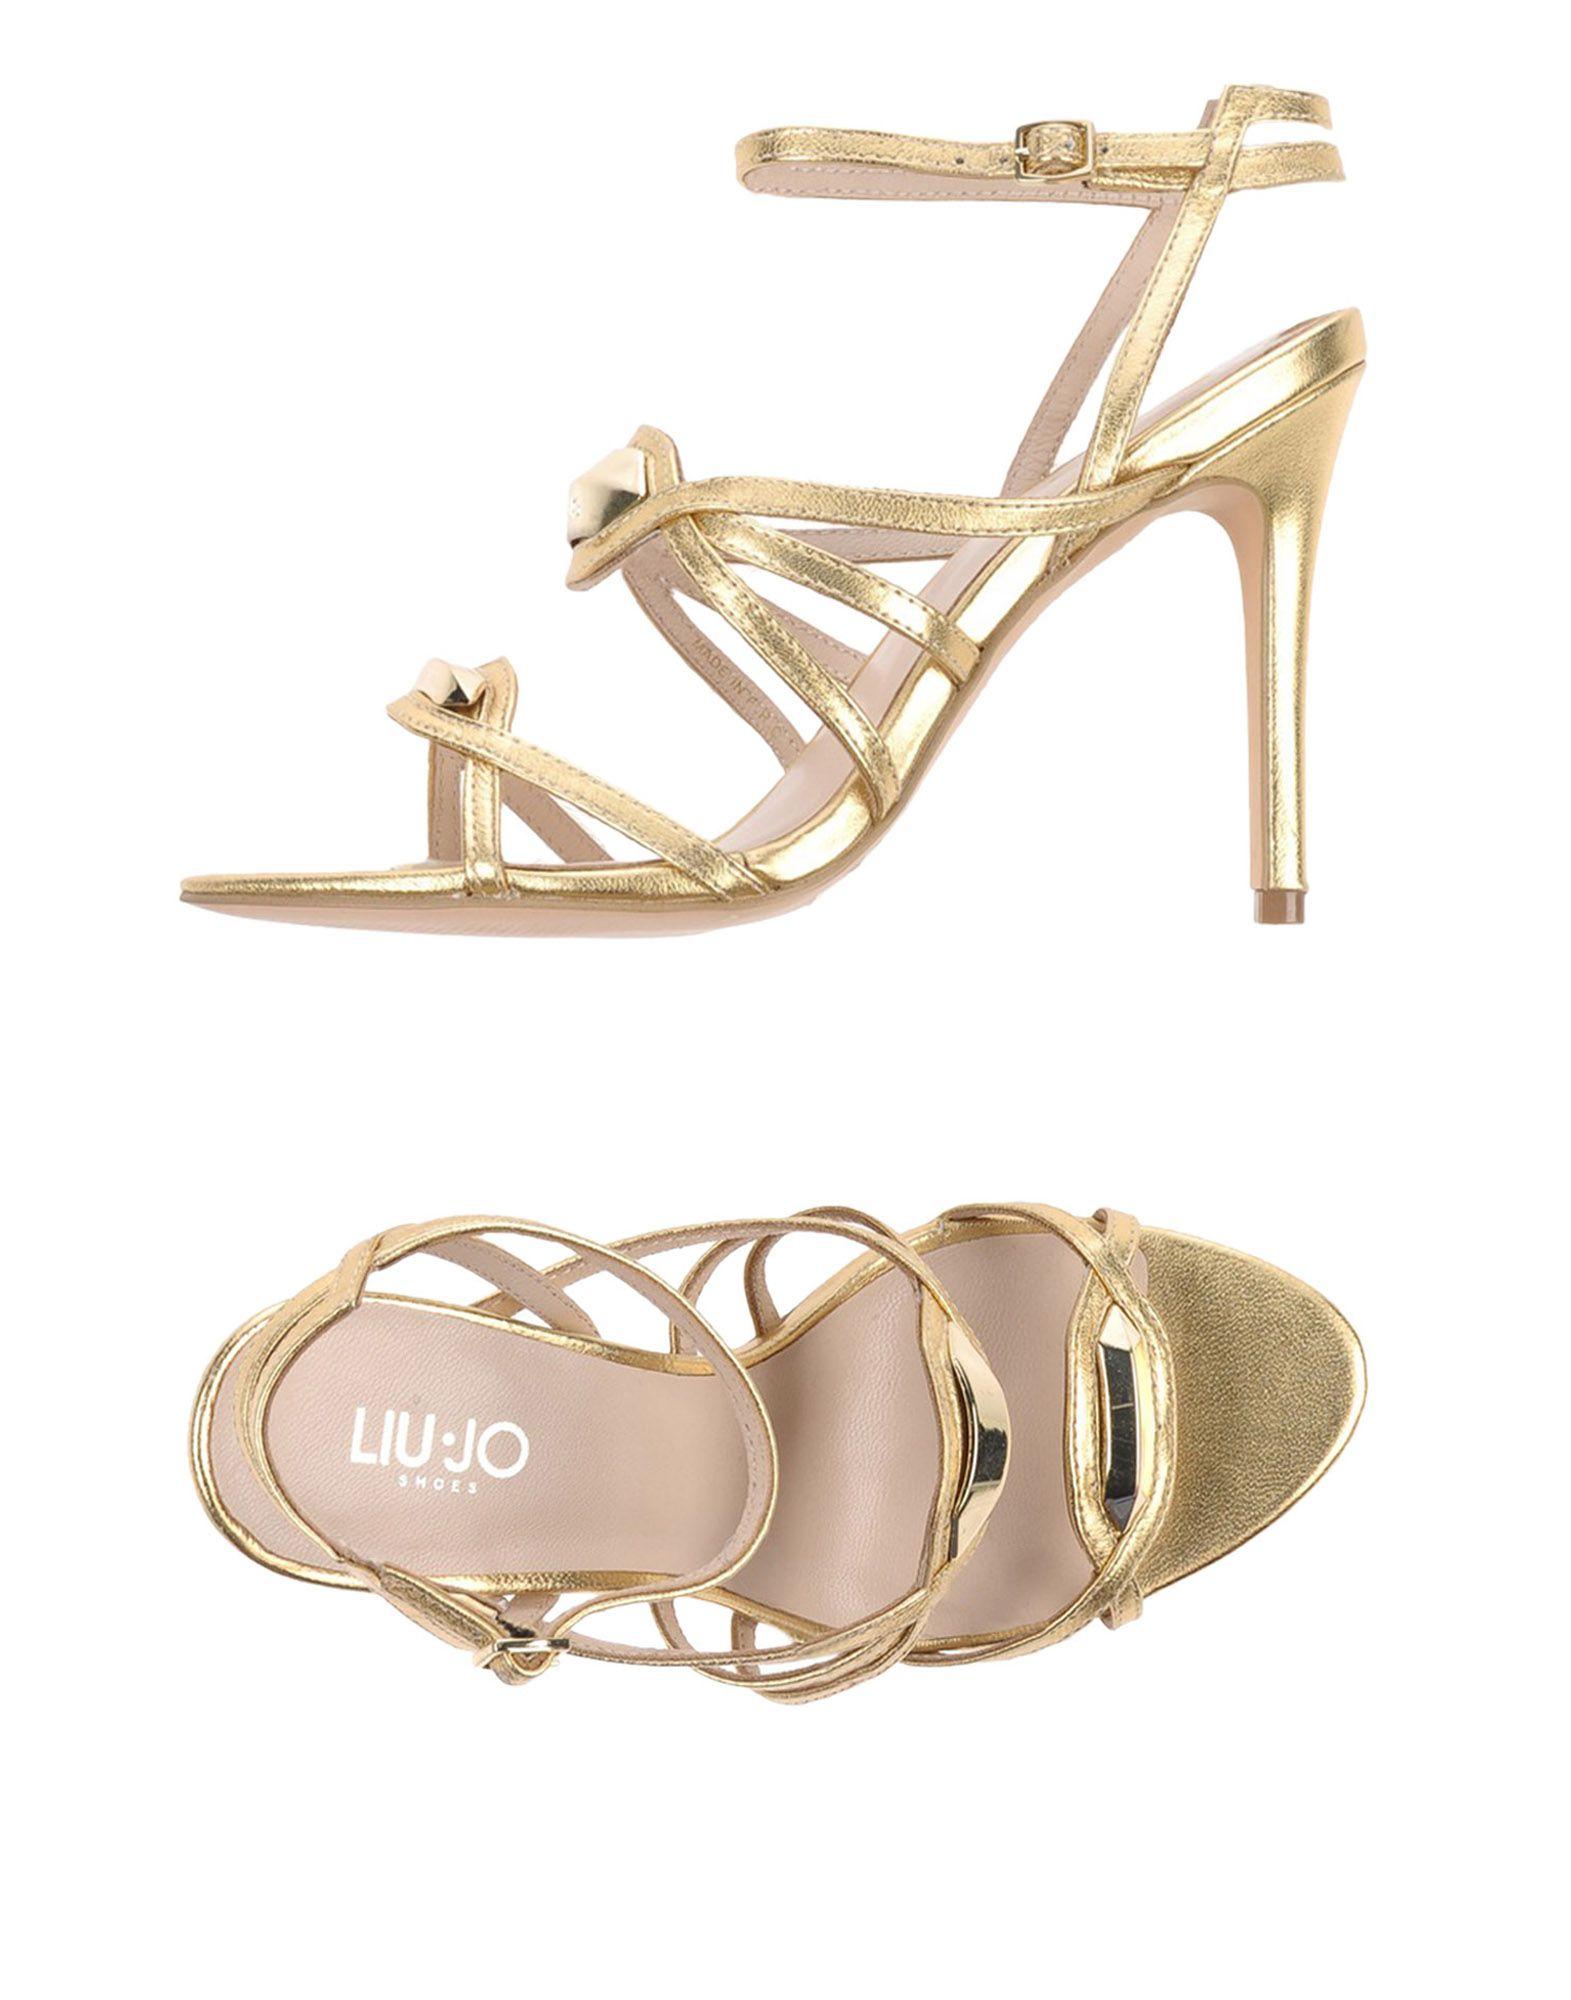 Liu •Jo Schuhes Sandalen Damen Gutes Preis-Leistungs-Verhältnis, es lohnt sich 7690